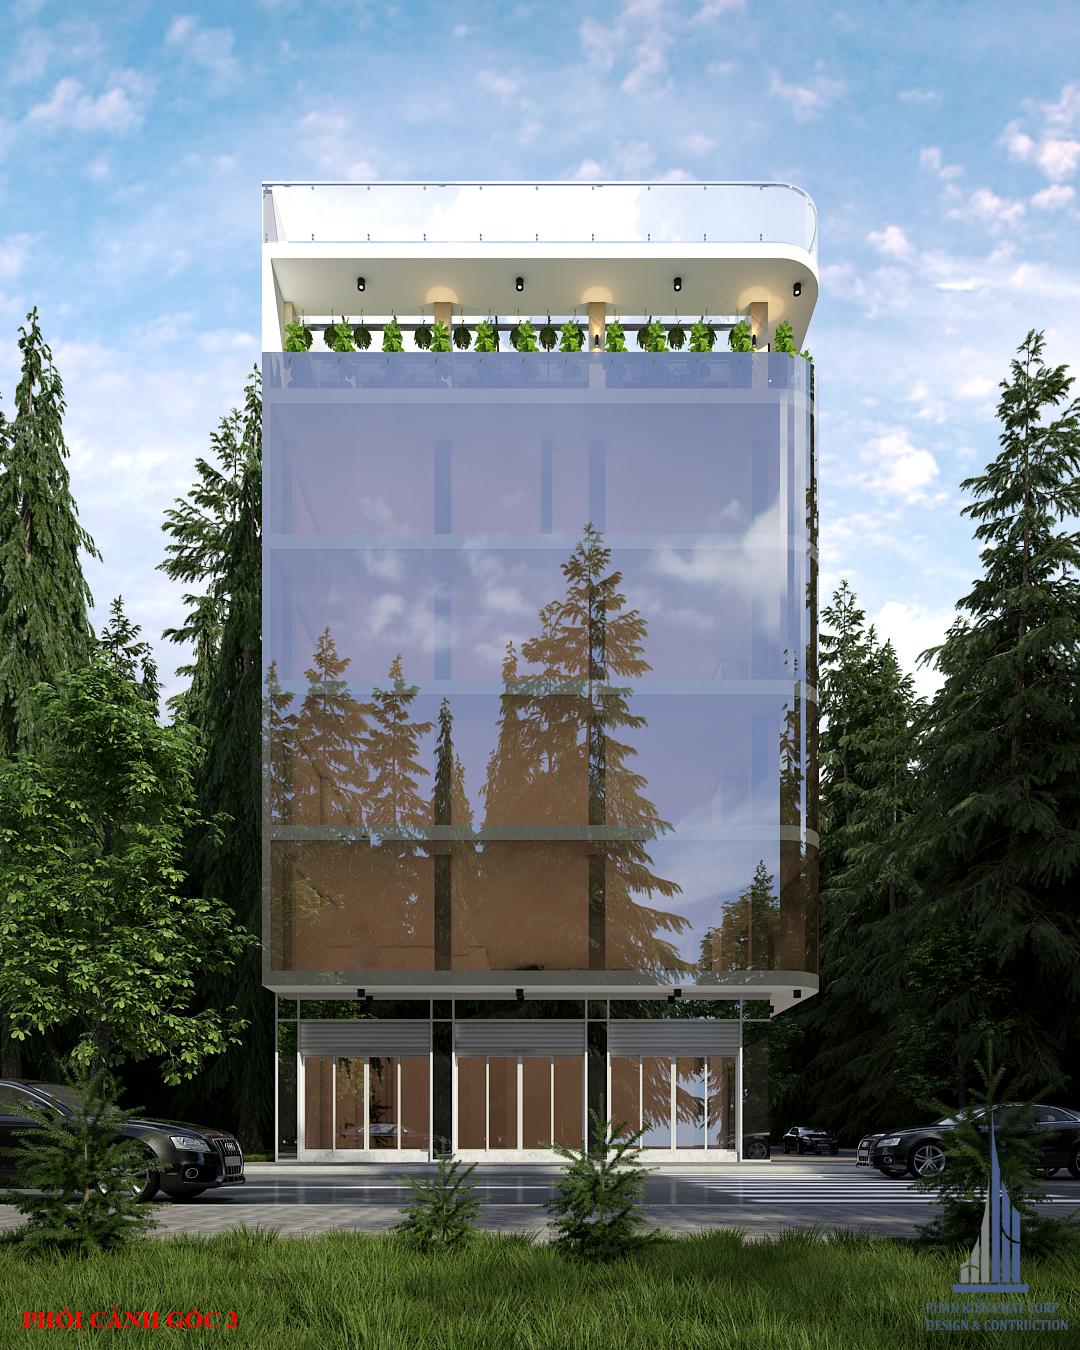 Phối cảnh thiết kế tòa nhà văn phòng hiện đại view 3